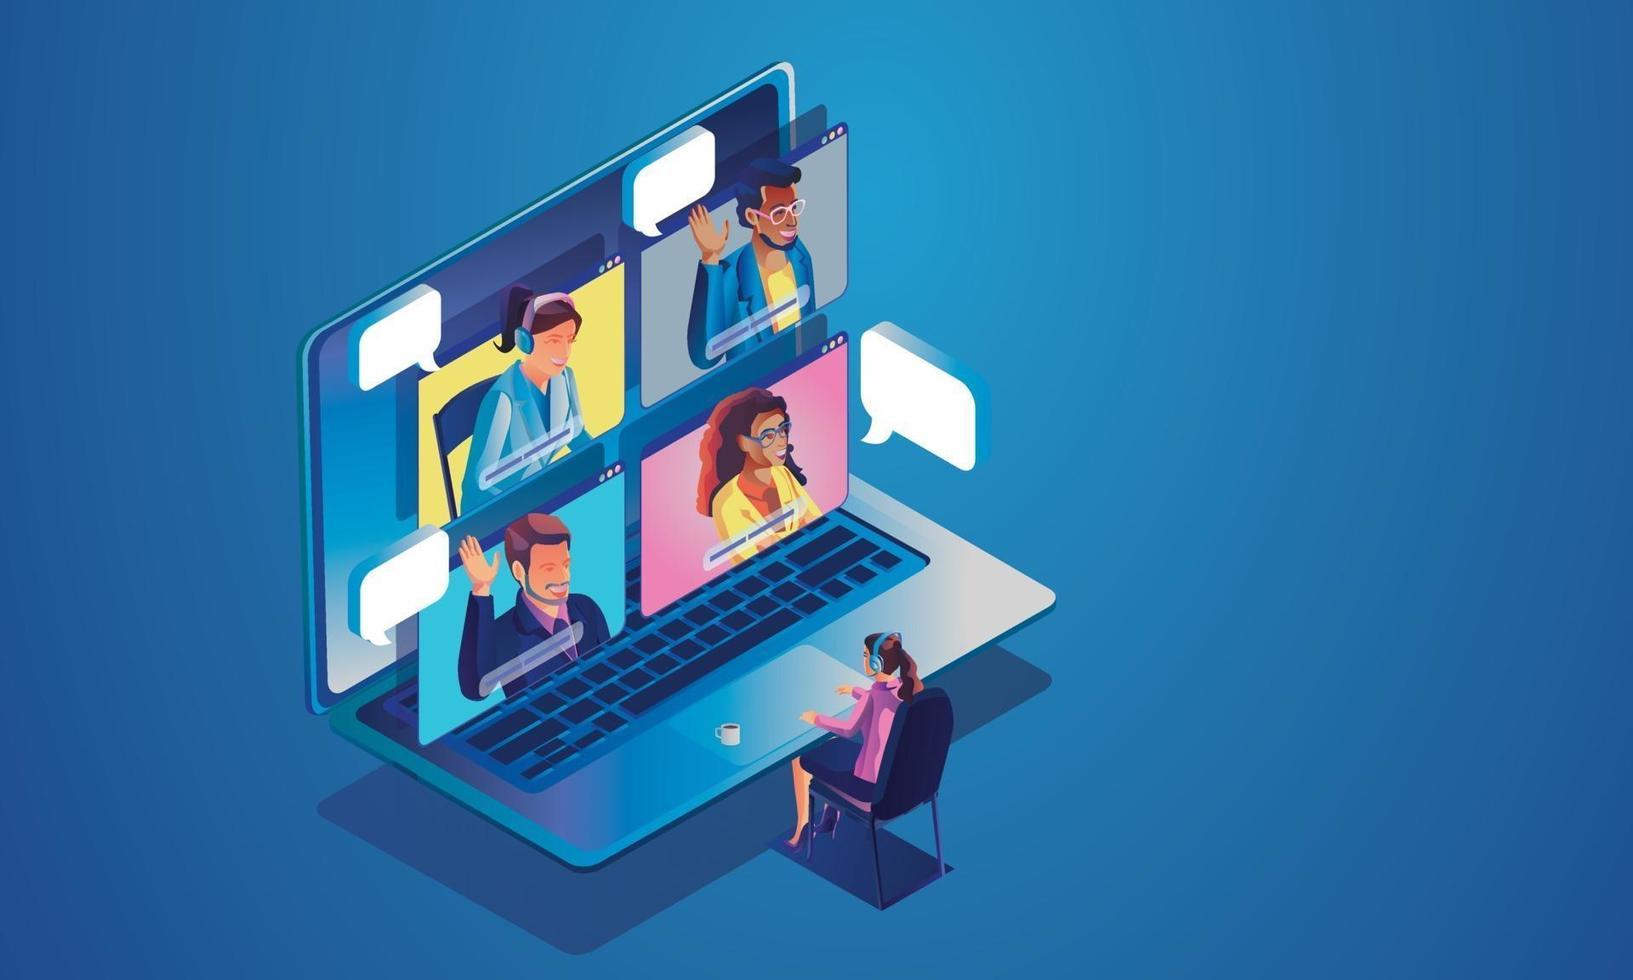 les gens d'événements virtuels utilisent la vidéoconférence. femme d'affaires de travail sur l'écran de la fenêtre, parler avec des collègues visioconférence isométrique et page de l'espace de travail de réunion en ligne vecteur